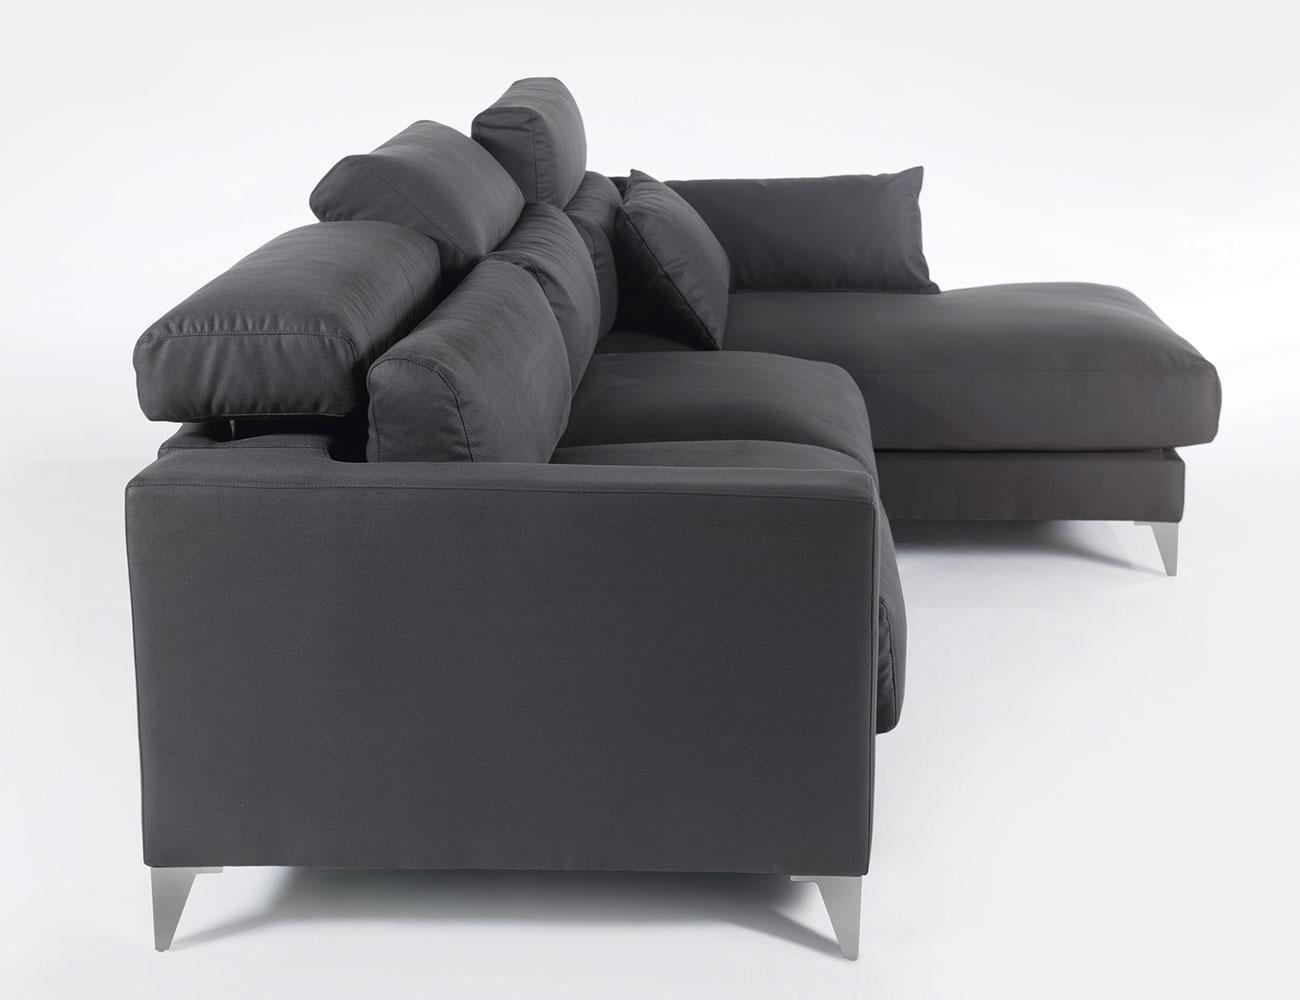 Sofa chaiselongue gran lujo decorativo grafito 113